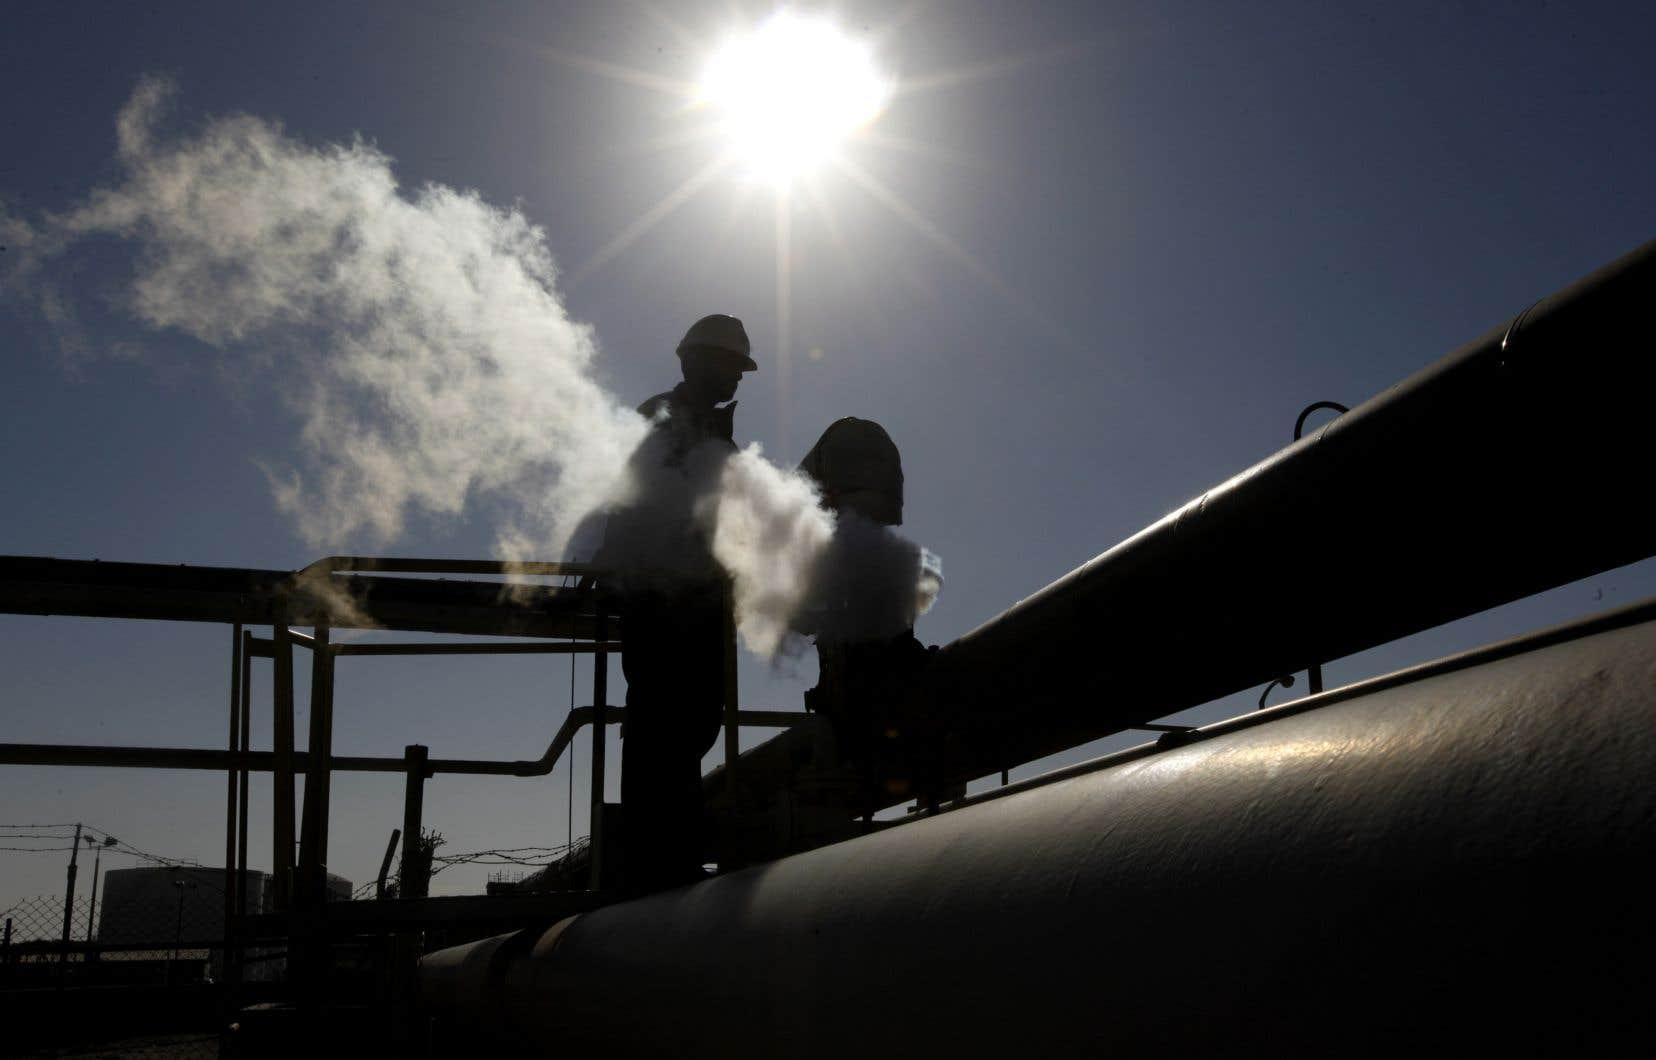 Ce blocage provoquera la chute de la production du pays de 1,3million barils par jour à 500 000 bj et un manque à gagner de 55millions de dollars par jour, selon la compagnie.